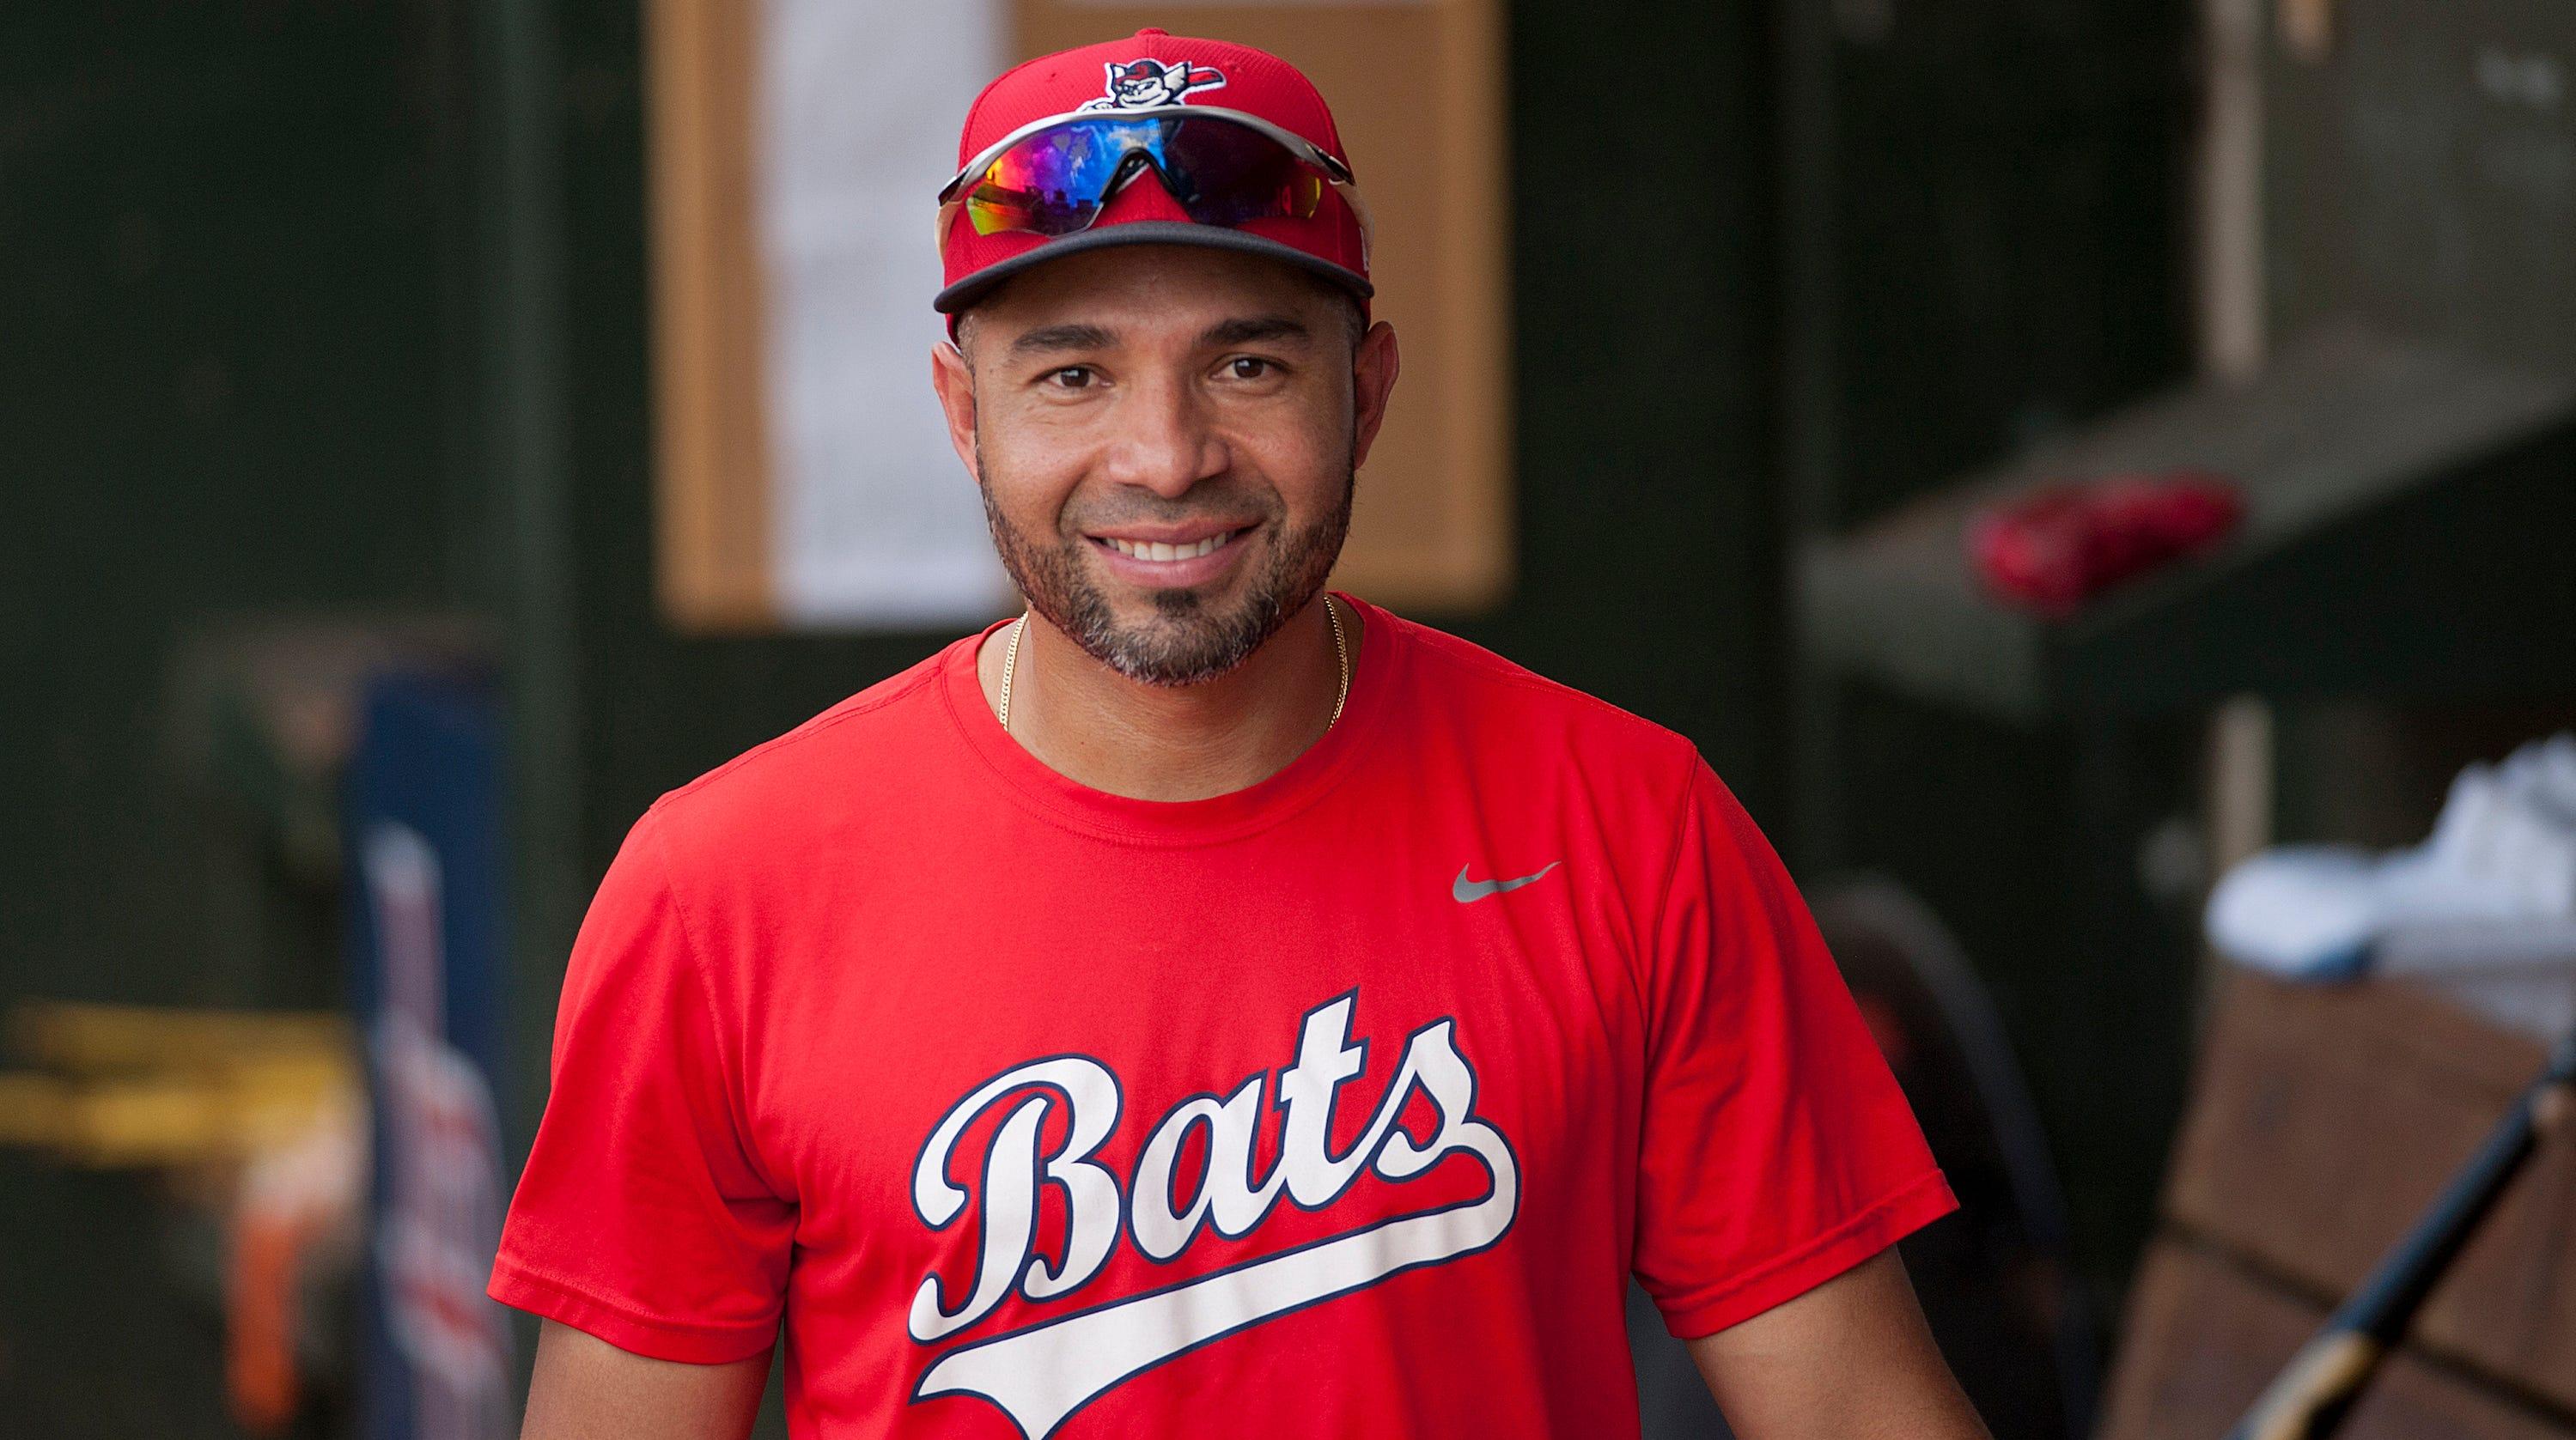 Louisville Bats'  Hernan Iribarren, age 34, walks into the team dugout.July 06, 2018